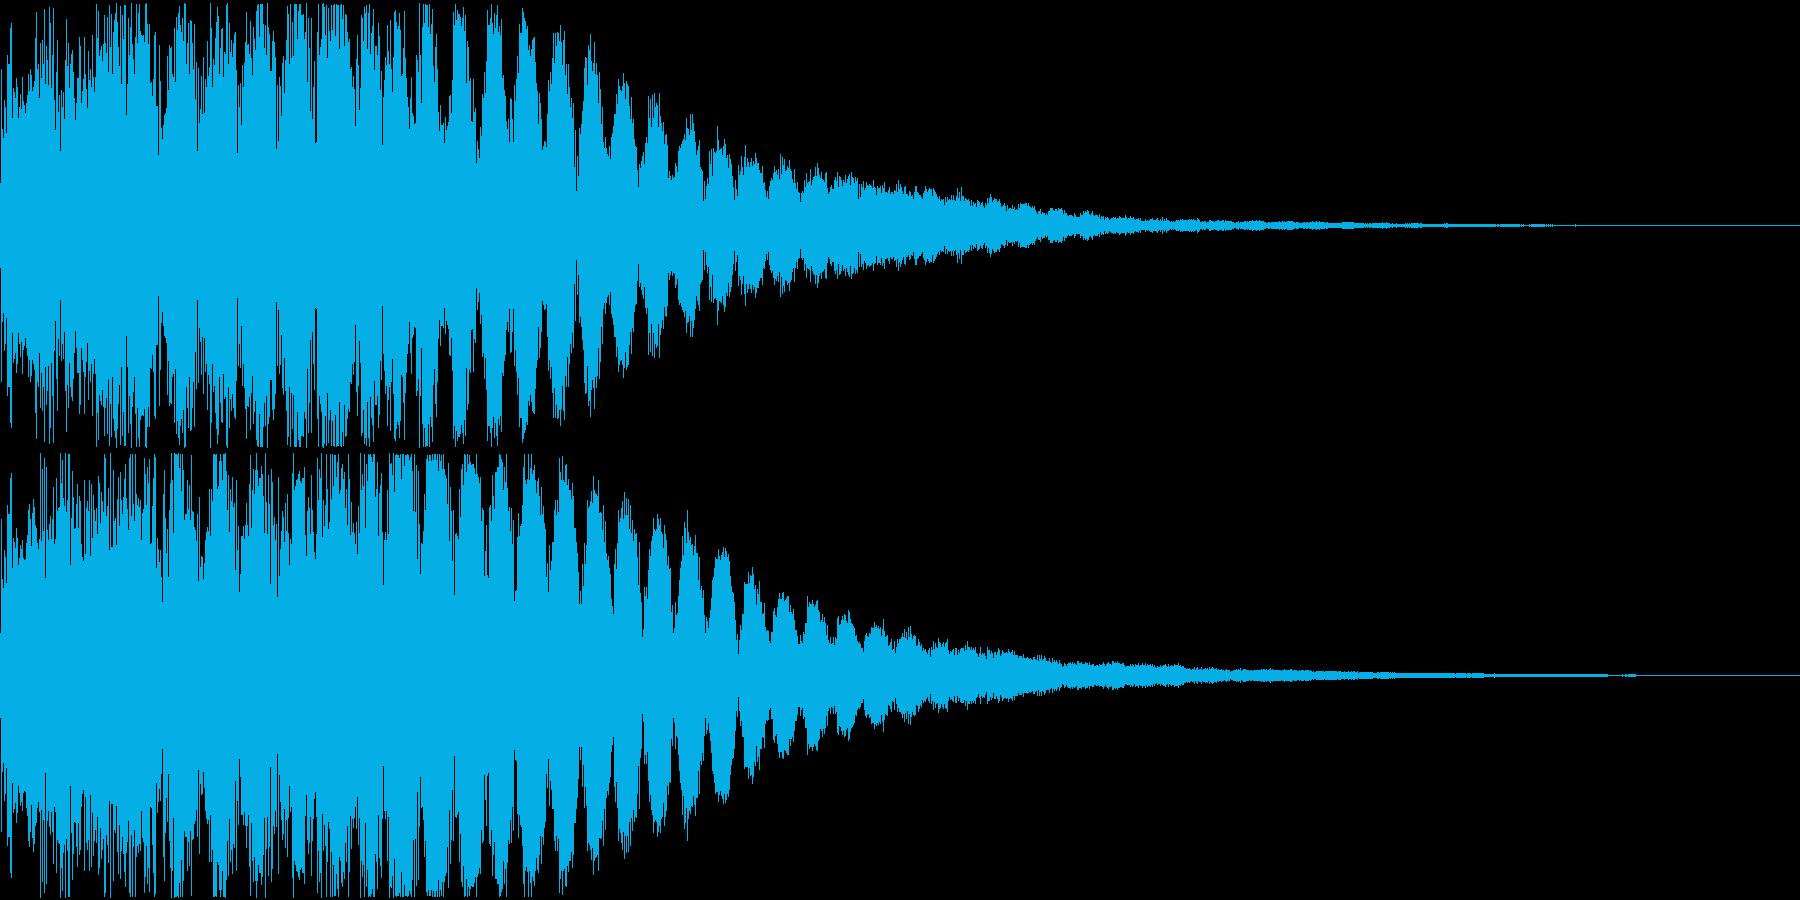 キュイン ギュイーン シャキーン 05の再生済みの波形